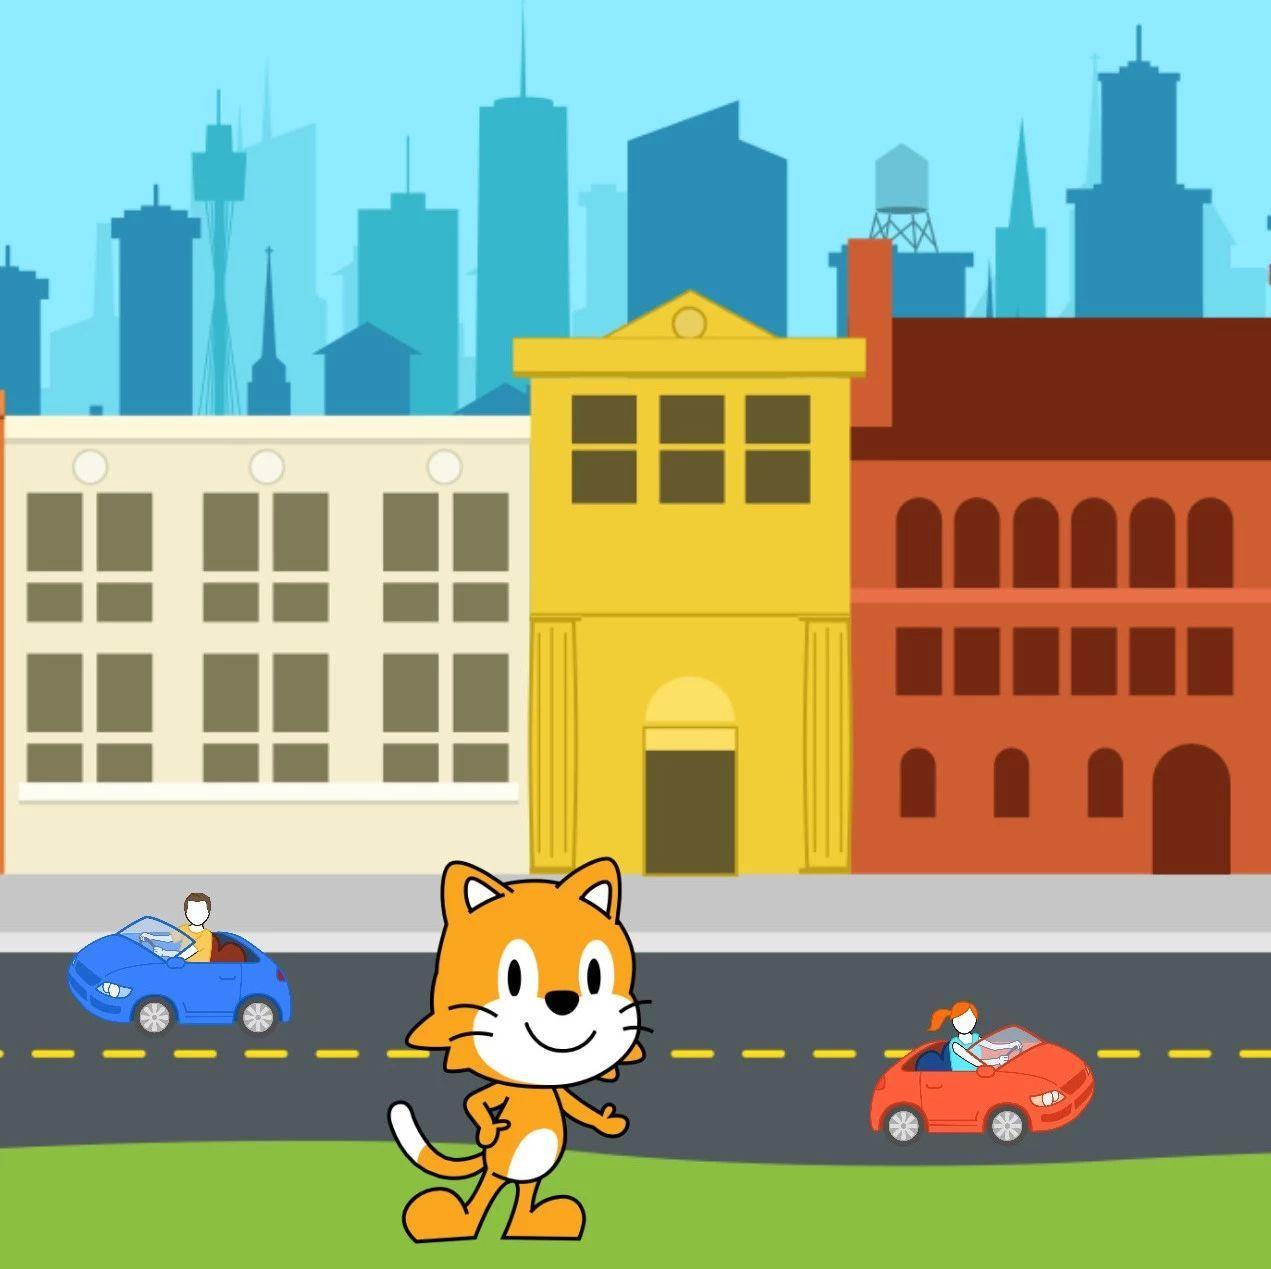 【哈哈!ScratchJr~】3小猫逛街